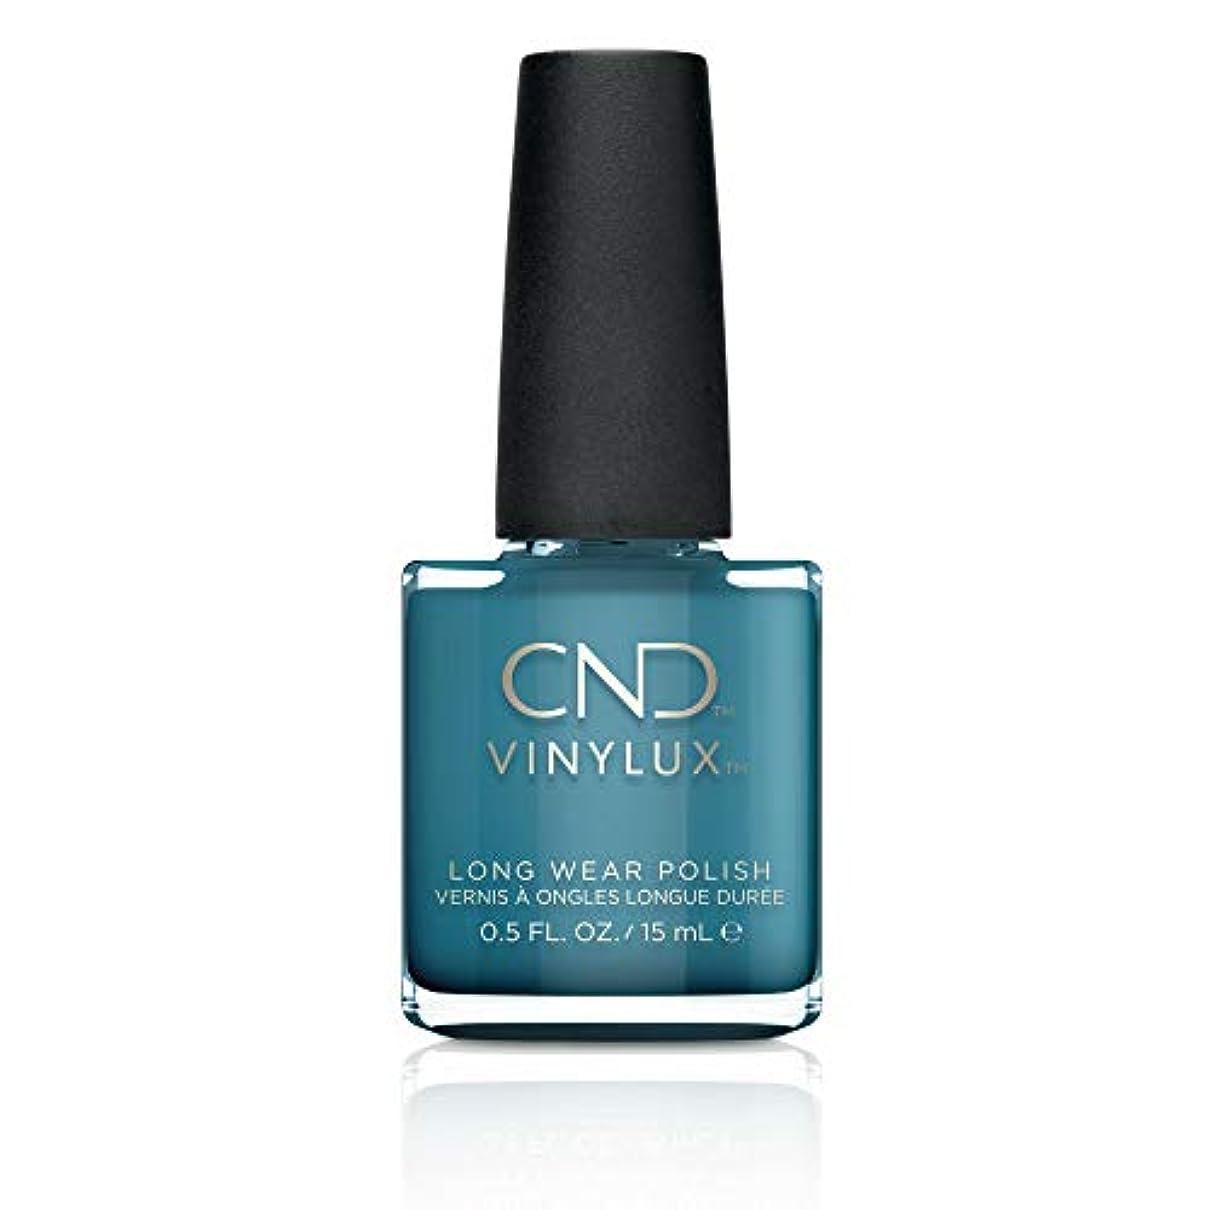 分泌する血まみれのキリスト教CND Vinylux Nail Polish - Fall 2017 Night Spell Collection - Viridian Veil - 0.5oz / 15ml